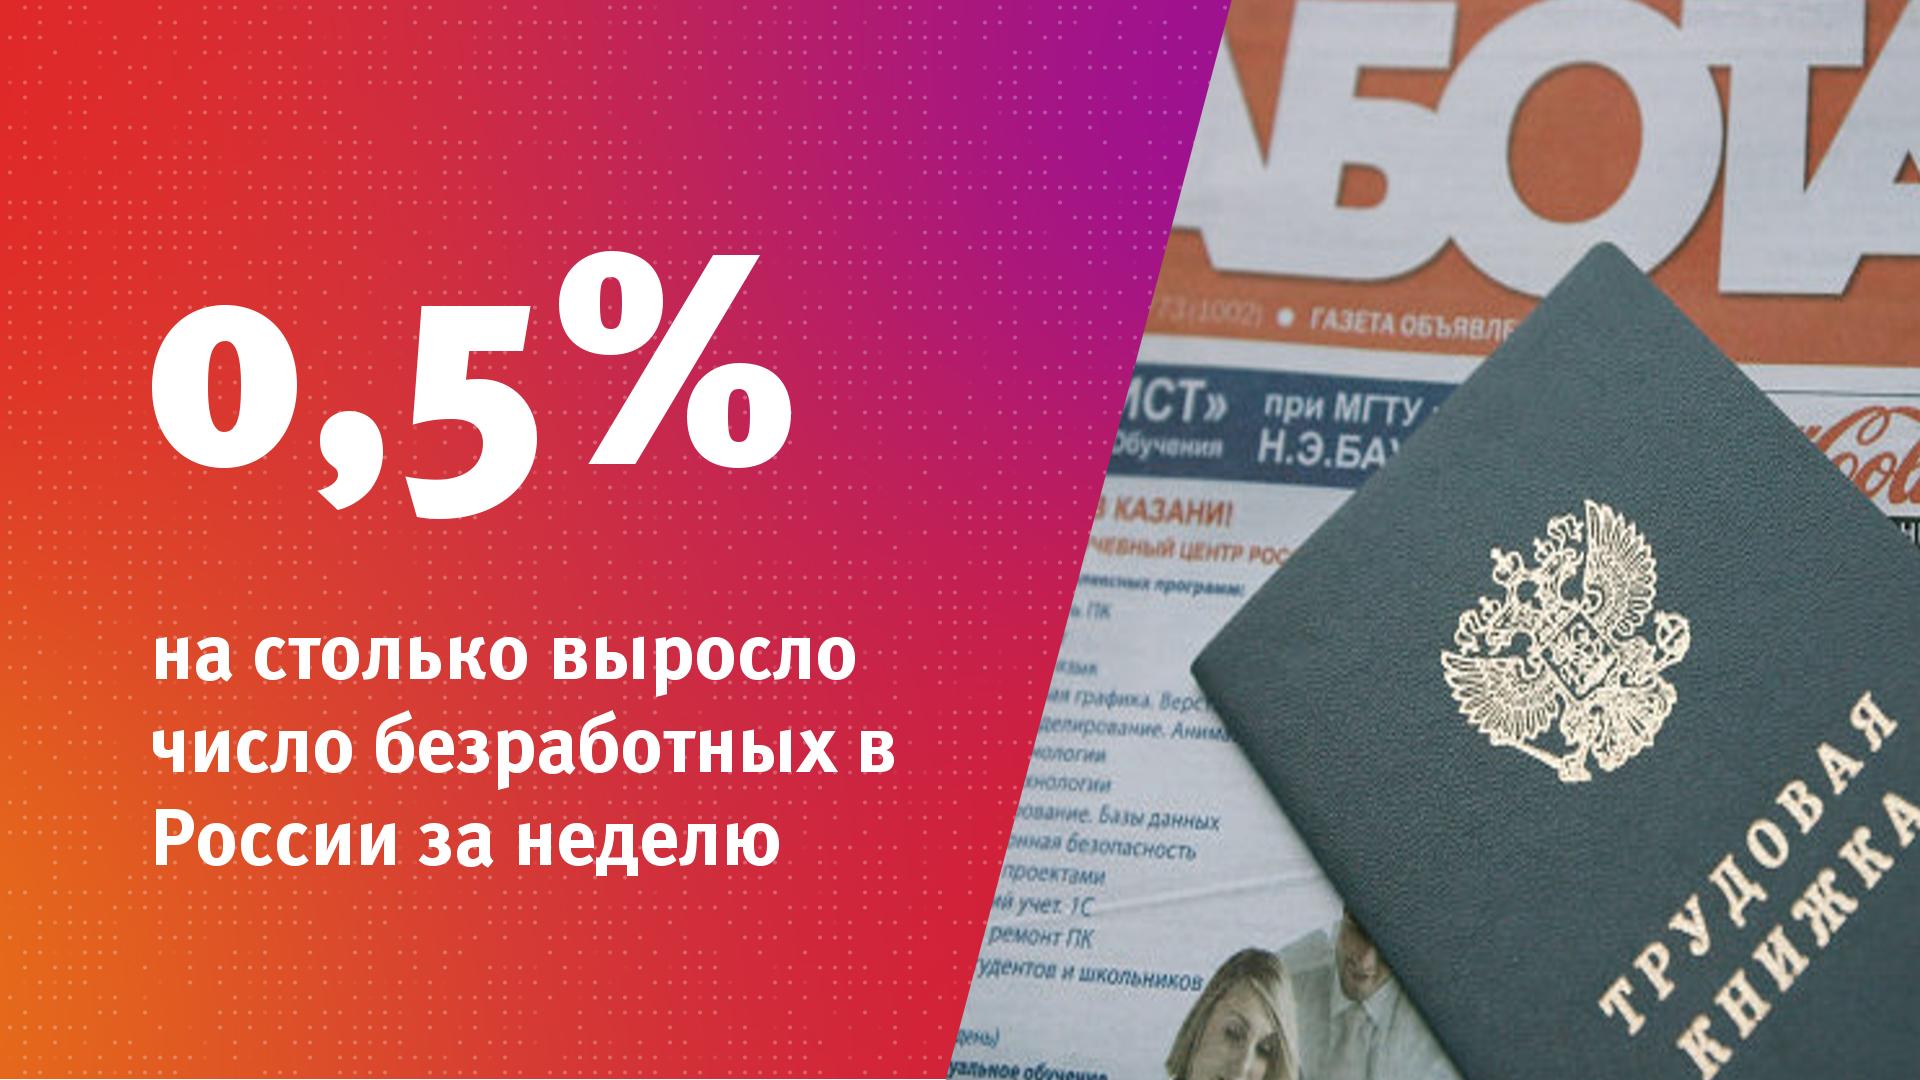 Минтруд проинформировал оросте числа официальных нигде неработающих занеделю на0,5%